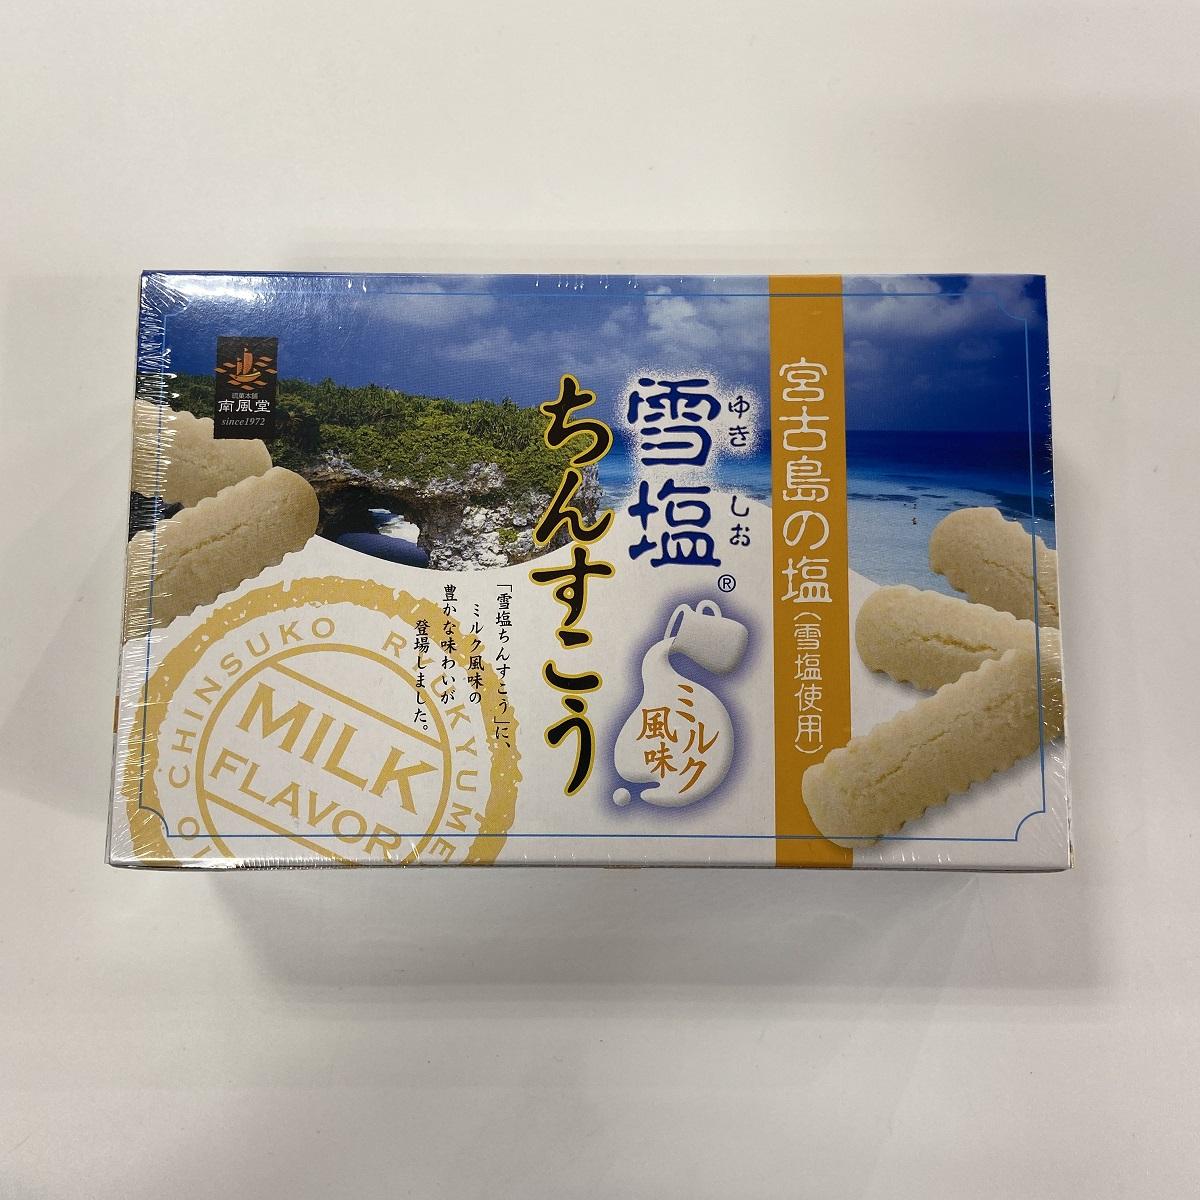 メーカー:南風堂 発売日:2015年02月10日 南風堂 ミルク風味 定番から日本未入荷 2個X12 雪塩ちんすこう 5%OFF